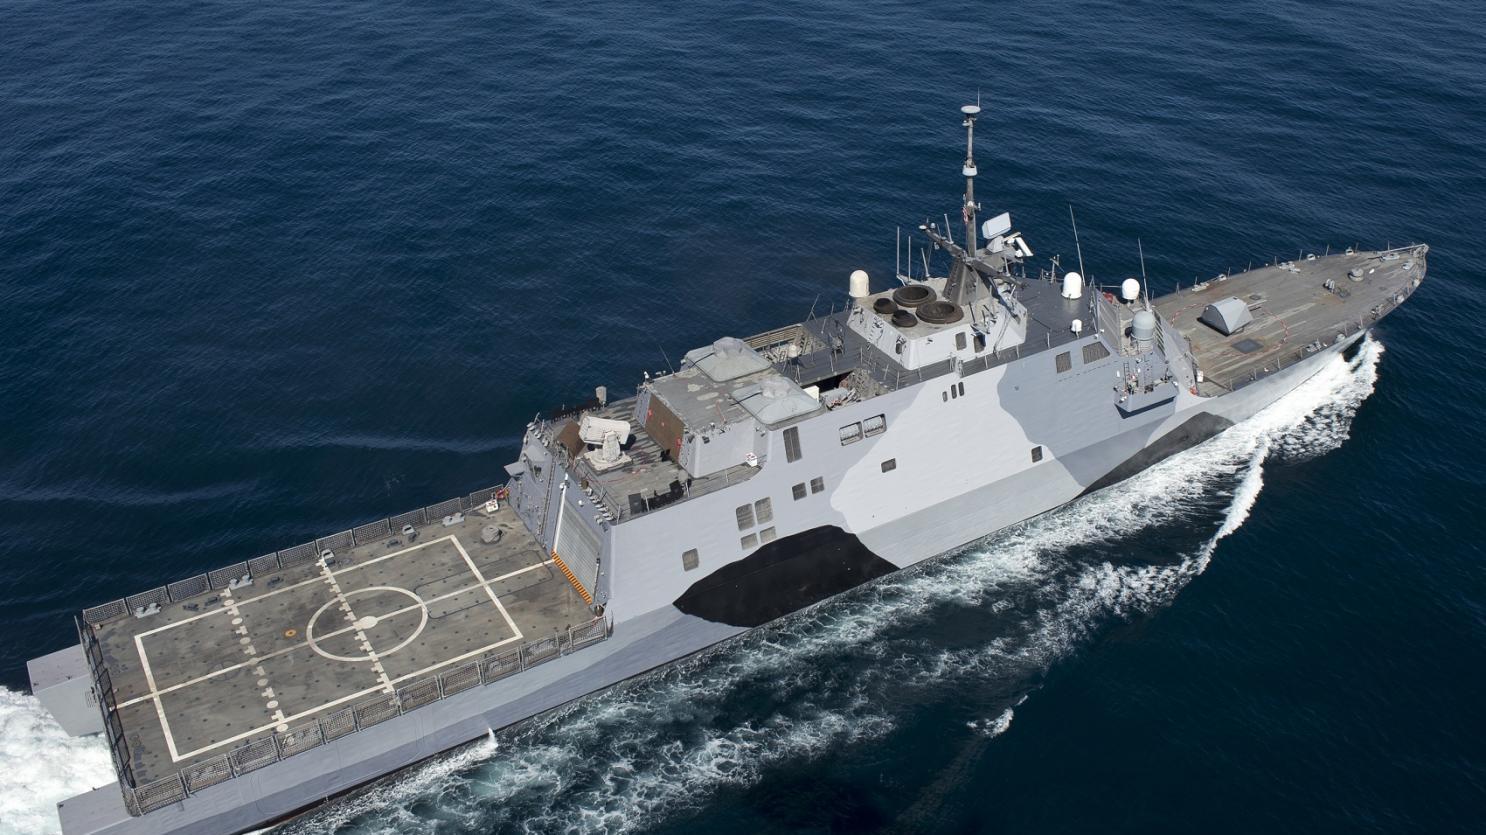 美海军准备提升濒海战斗舰的作战能力, 新型护卫舰的建造已提上日程